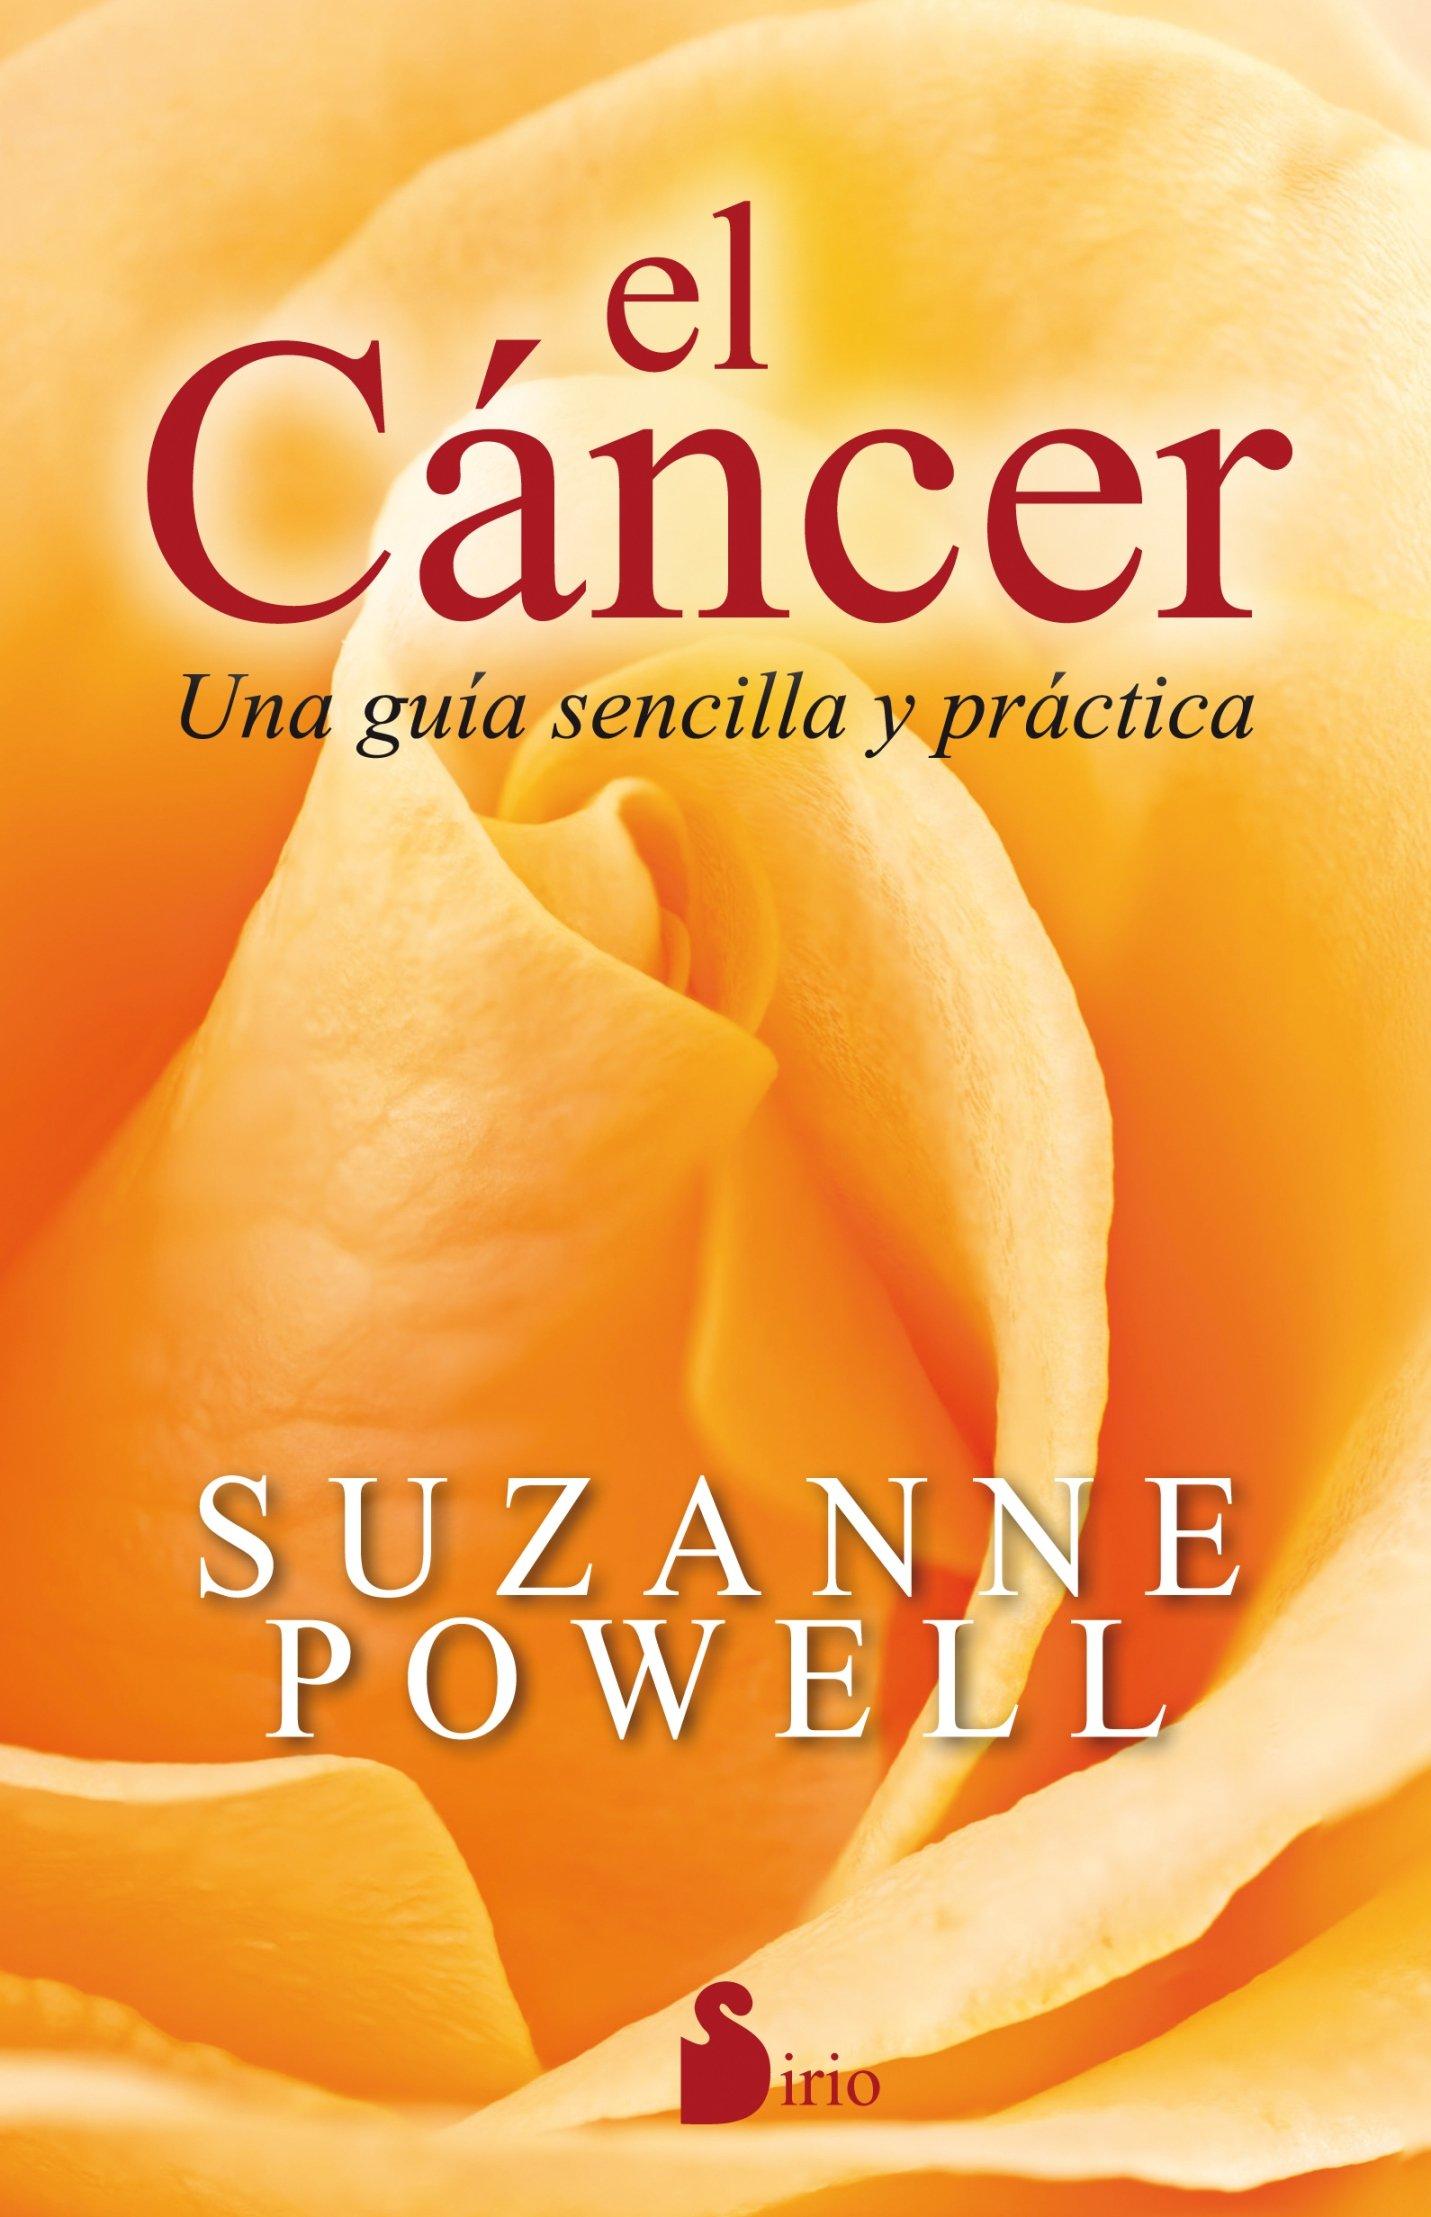 Cancer. Una guia sencilla y practica: Amazon.es: Suzanne Powell: Libros